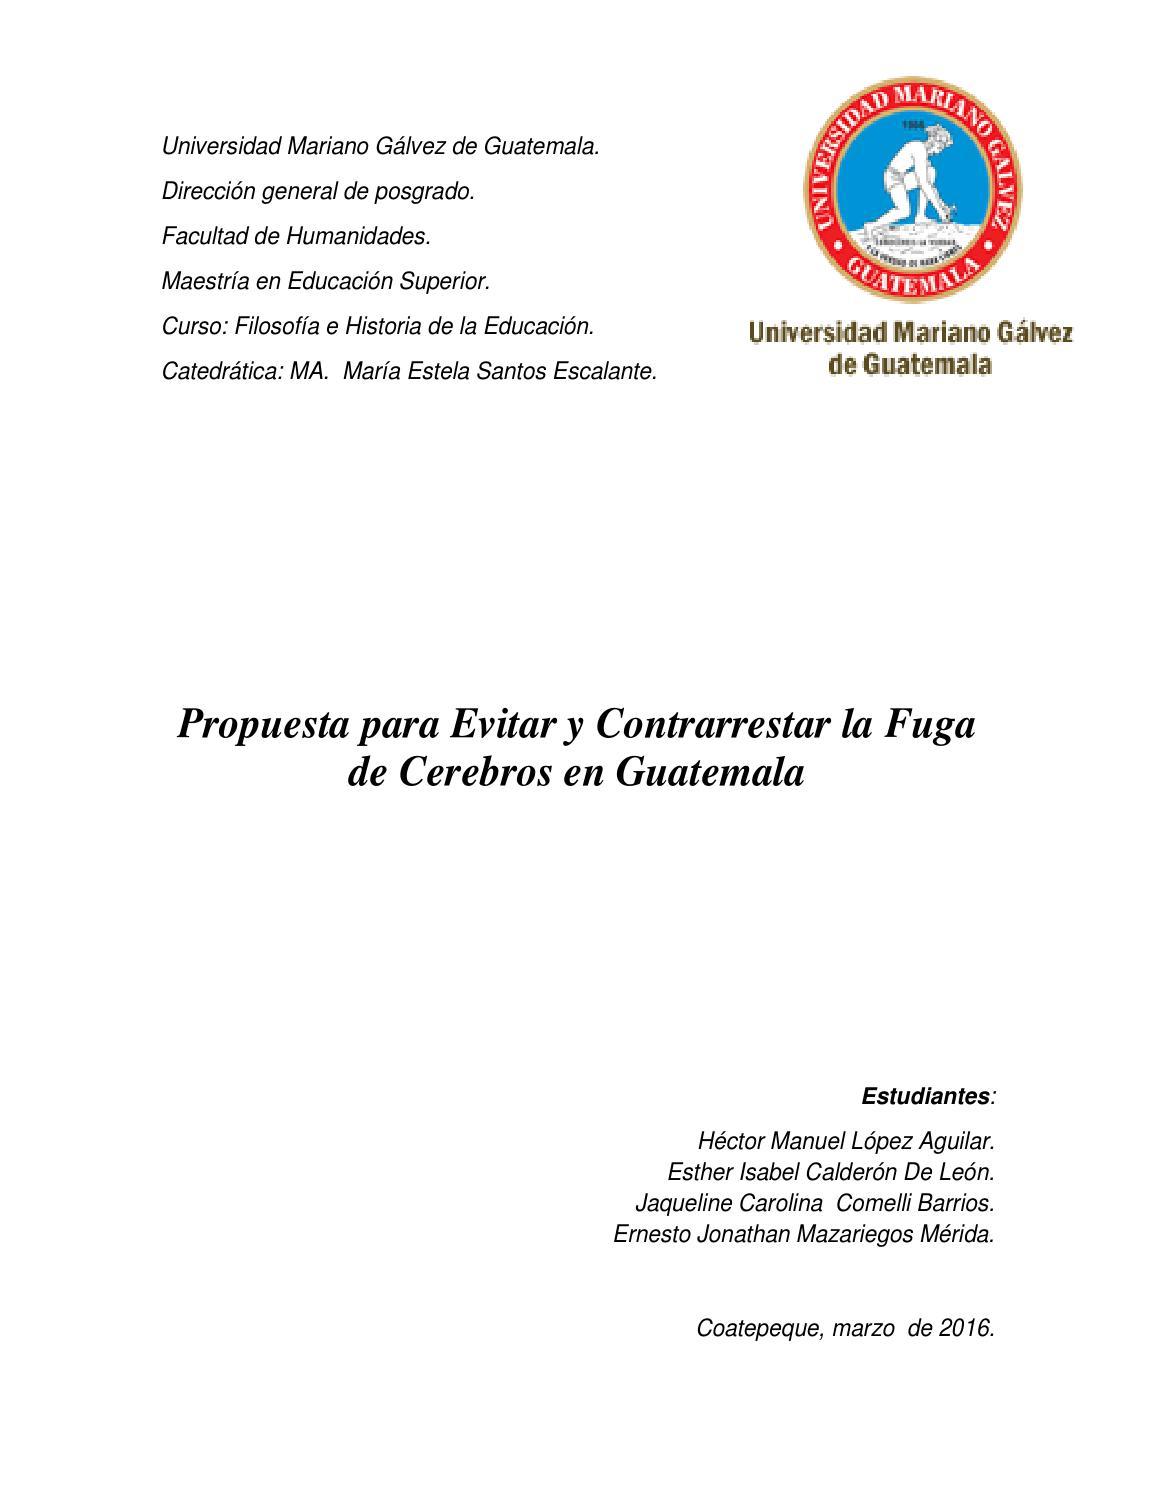 Fuga de Cerebros by Ernesto Mazariegos Mérida - issuu